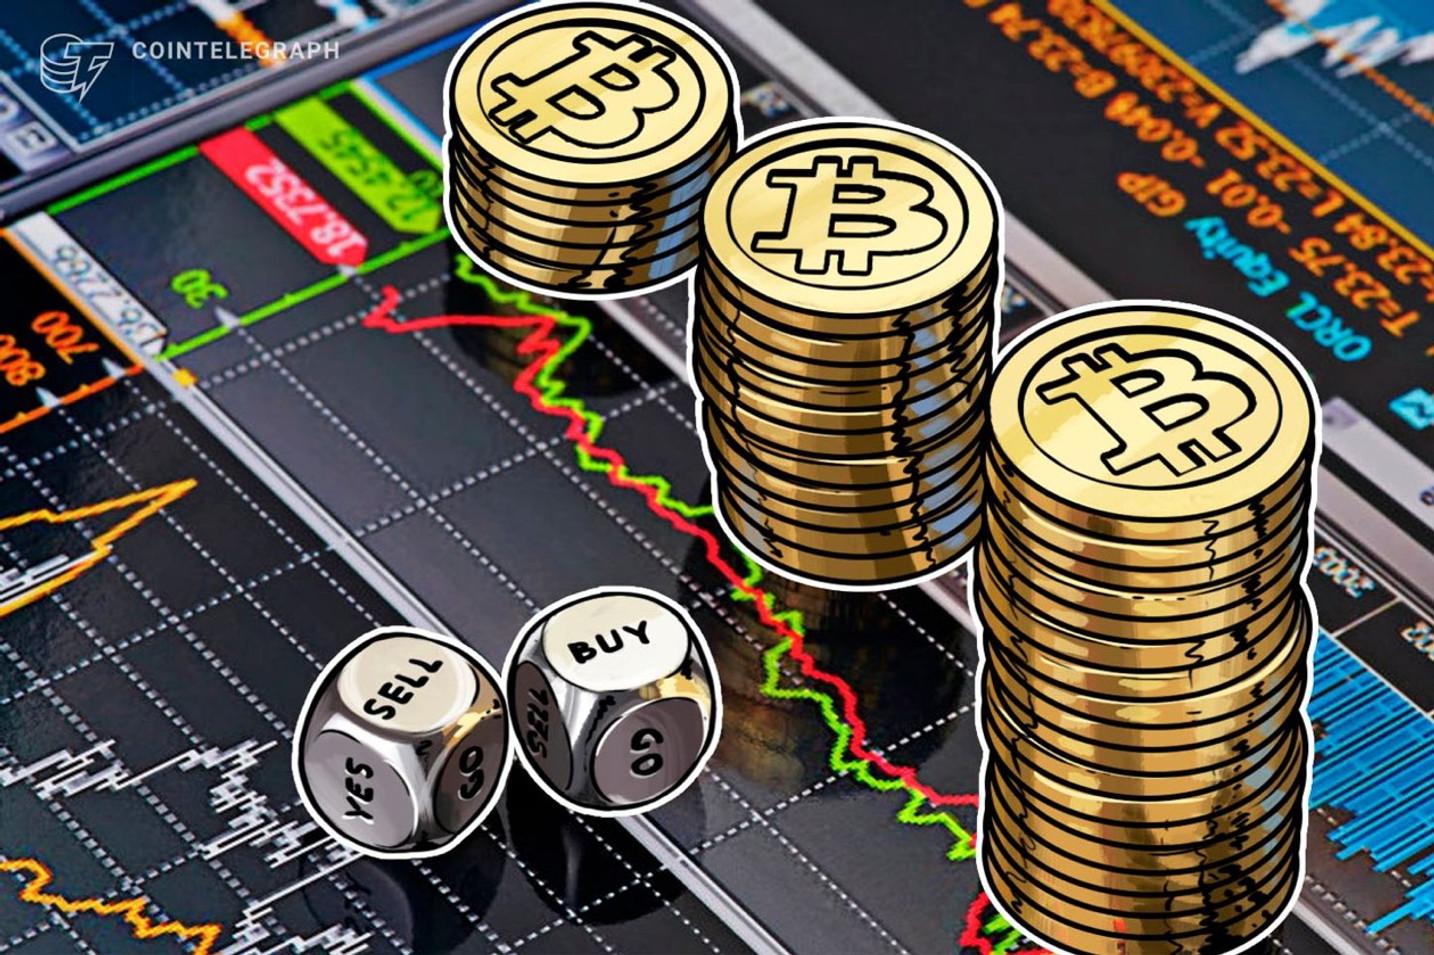 上昇トレンドへの転換を示唆、パラボリックの転換 仮想通貨ビットコイン相場市況(12月20日)